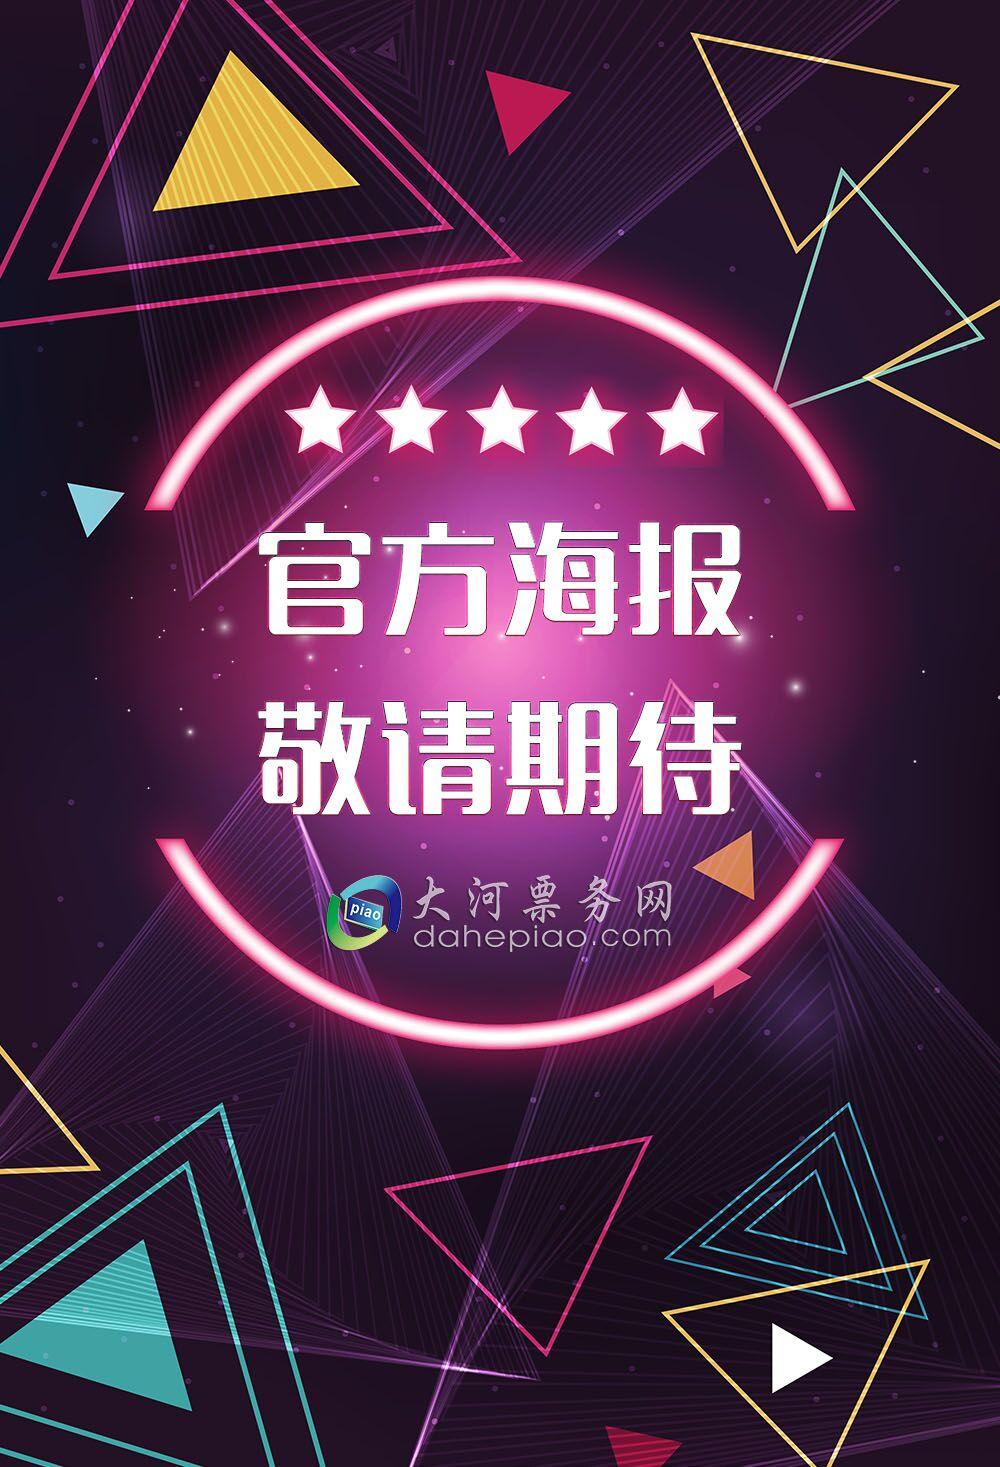 武汉电竞音乐节